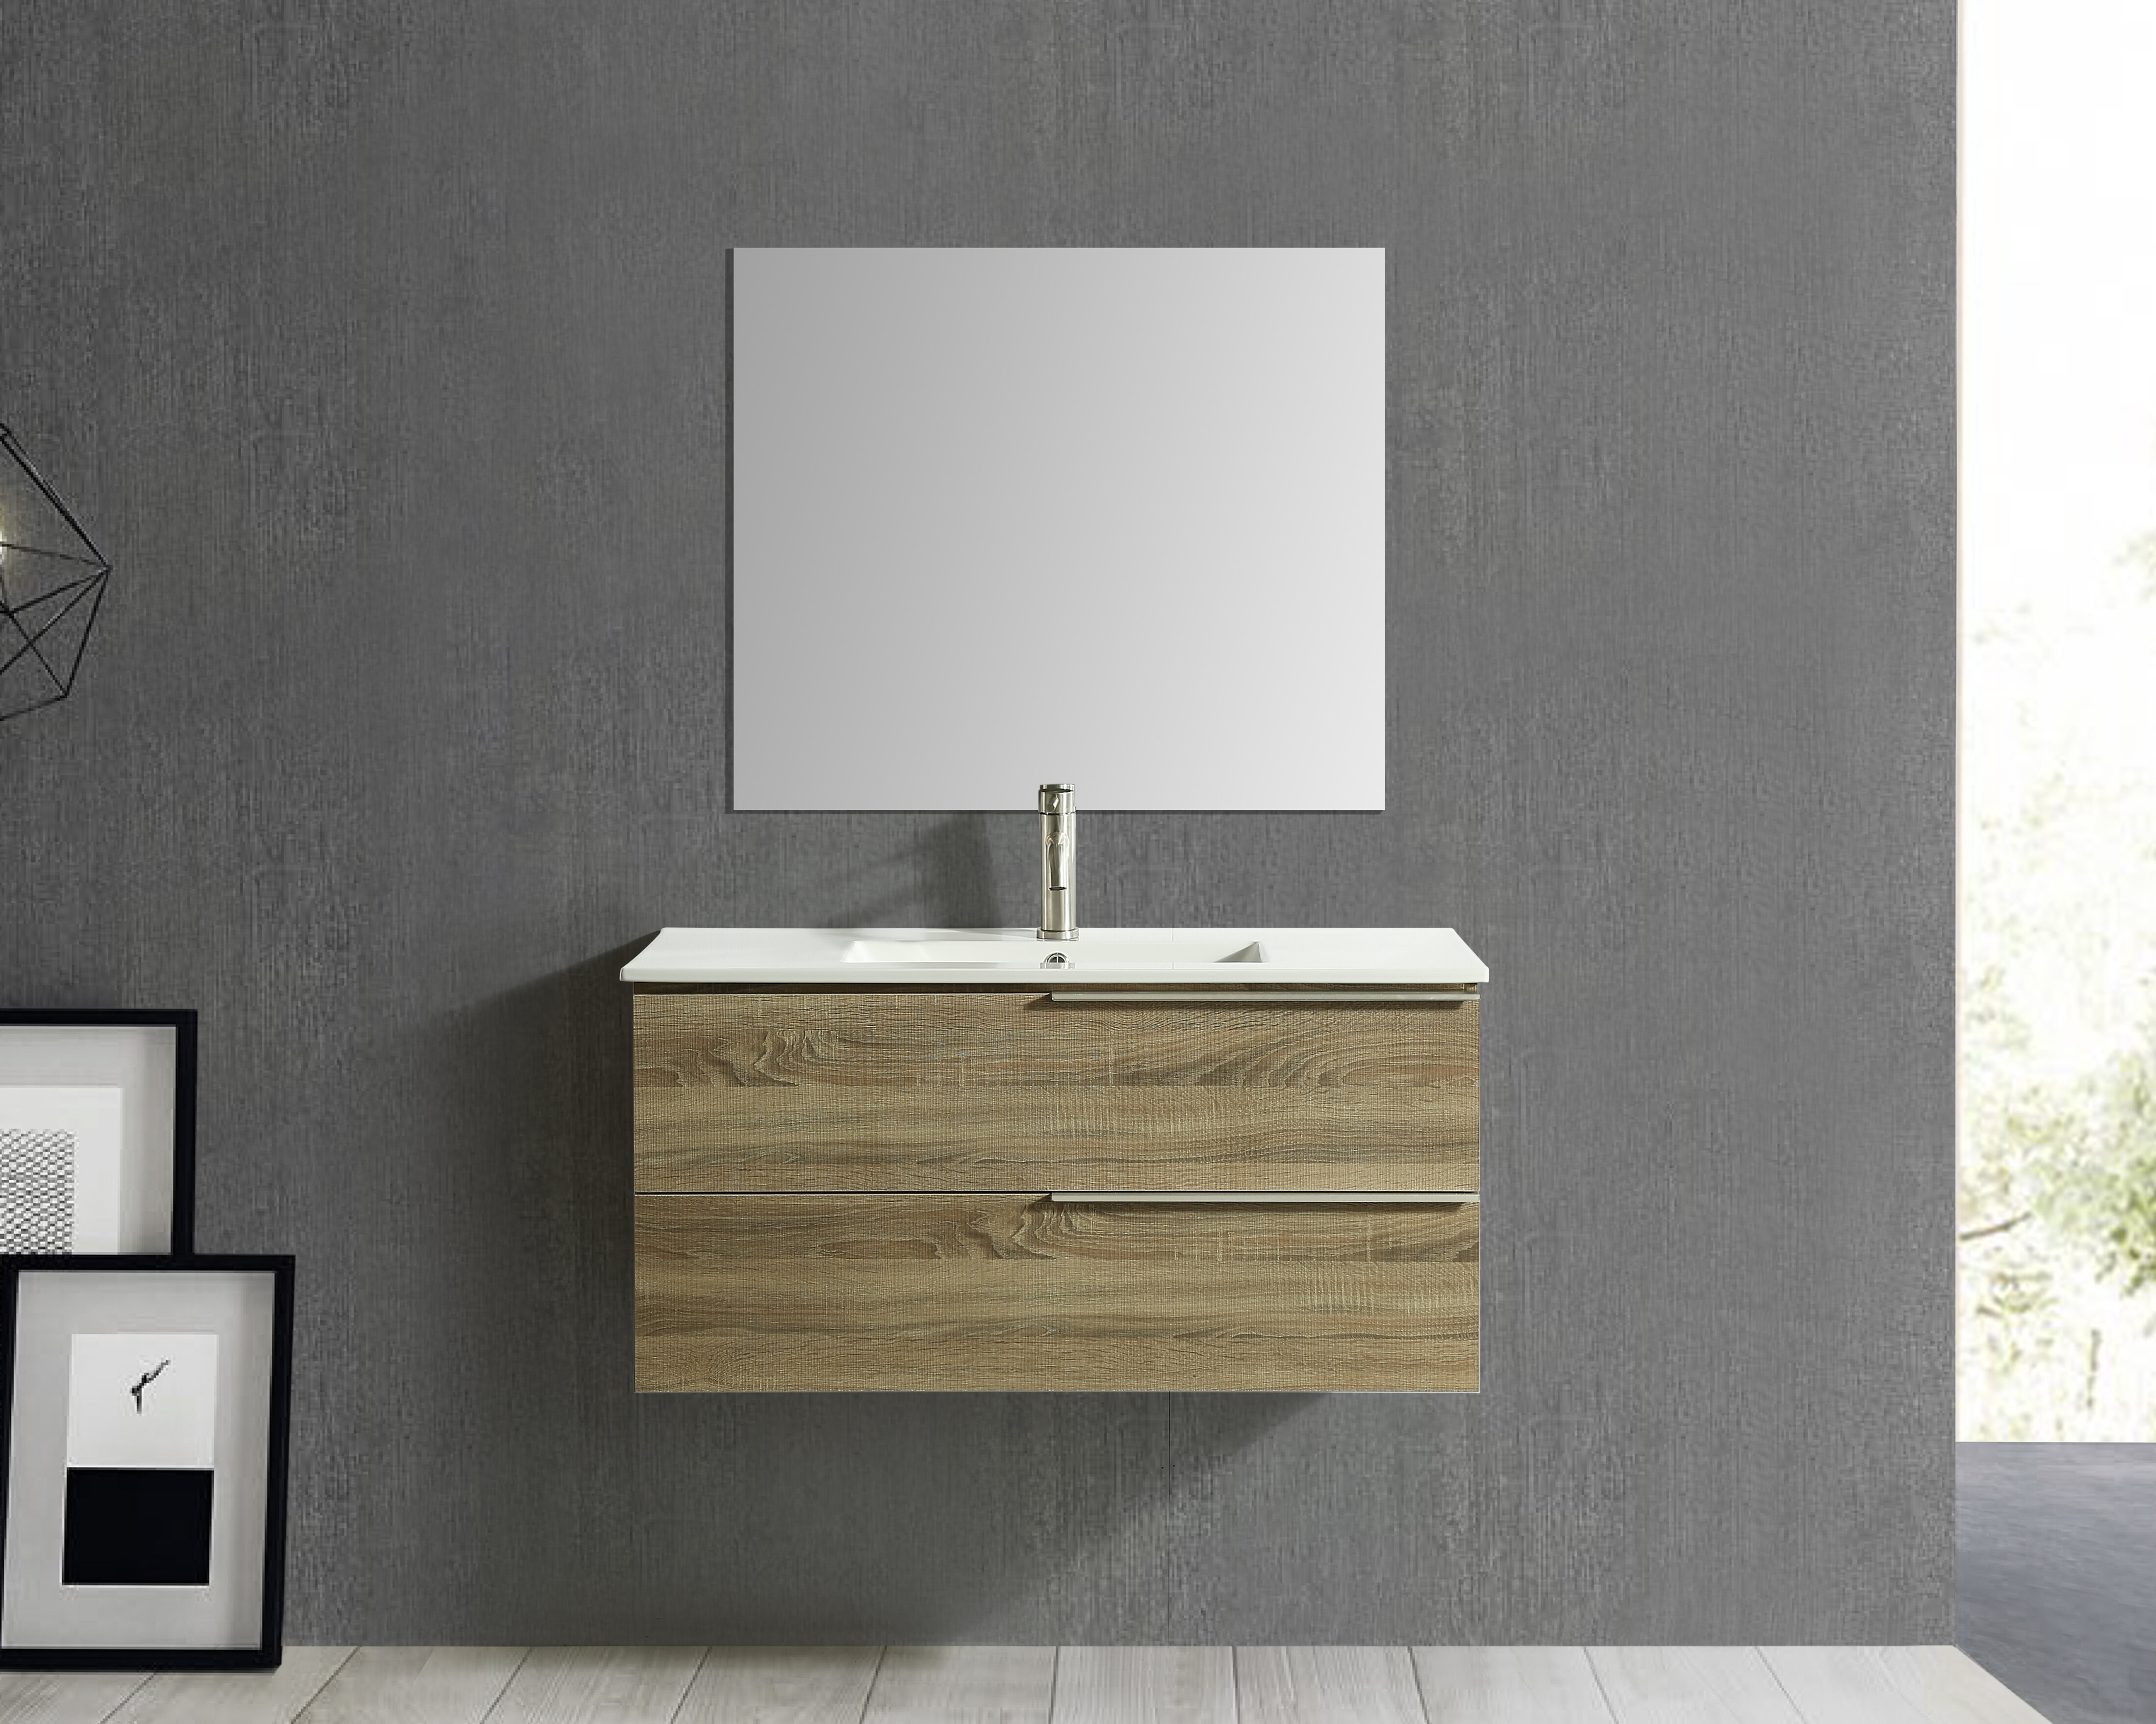 Orren Ellis Rodgers 40 Wall Mounted Single Bathroom Vanity Wayfair